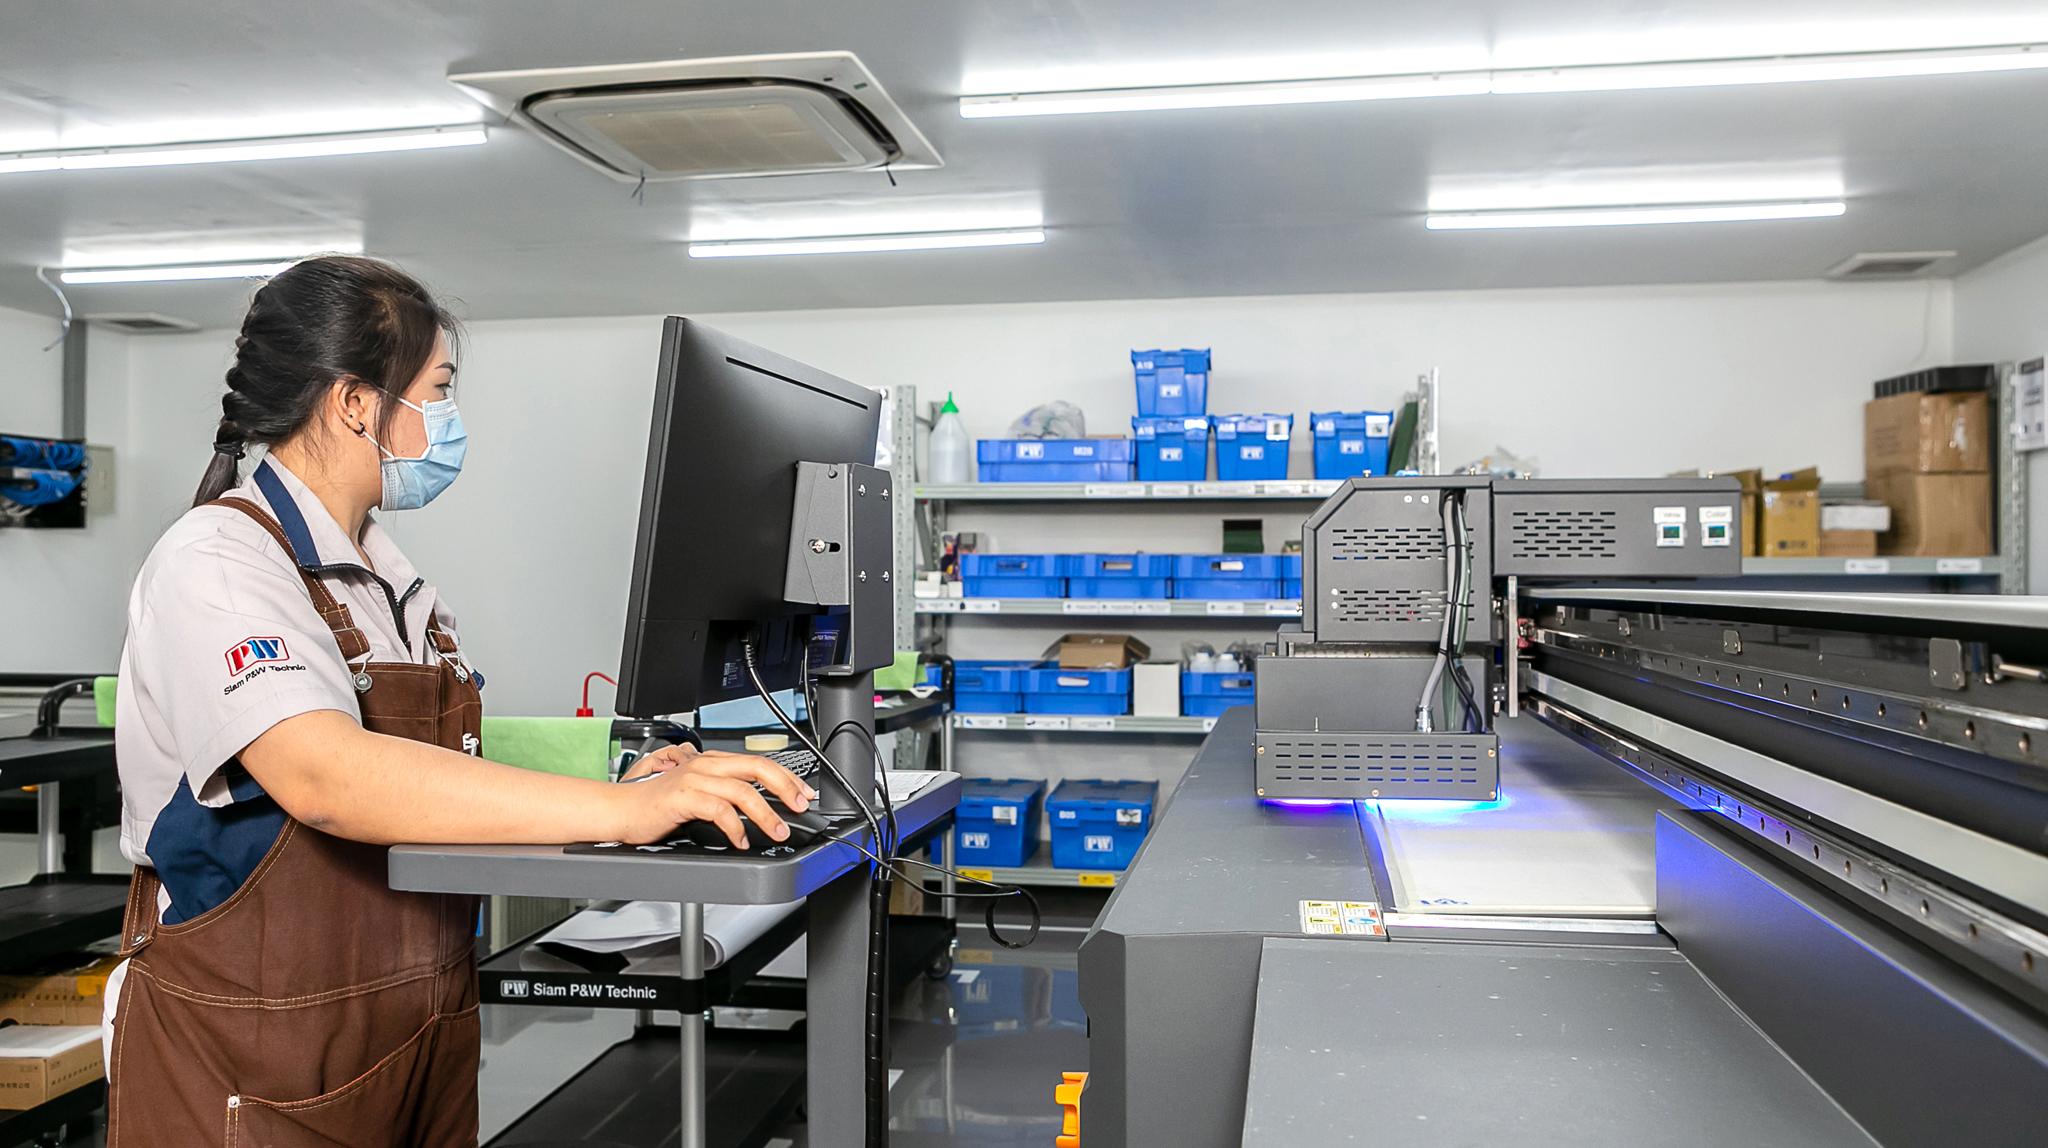 Siam P&W Technic - 企業検索 - ワイズデジタル【タイで働く人のための情報サイト】